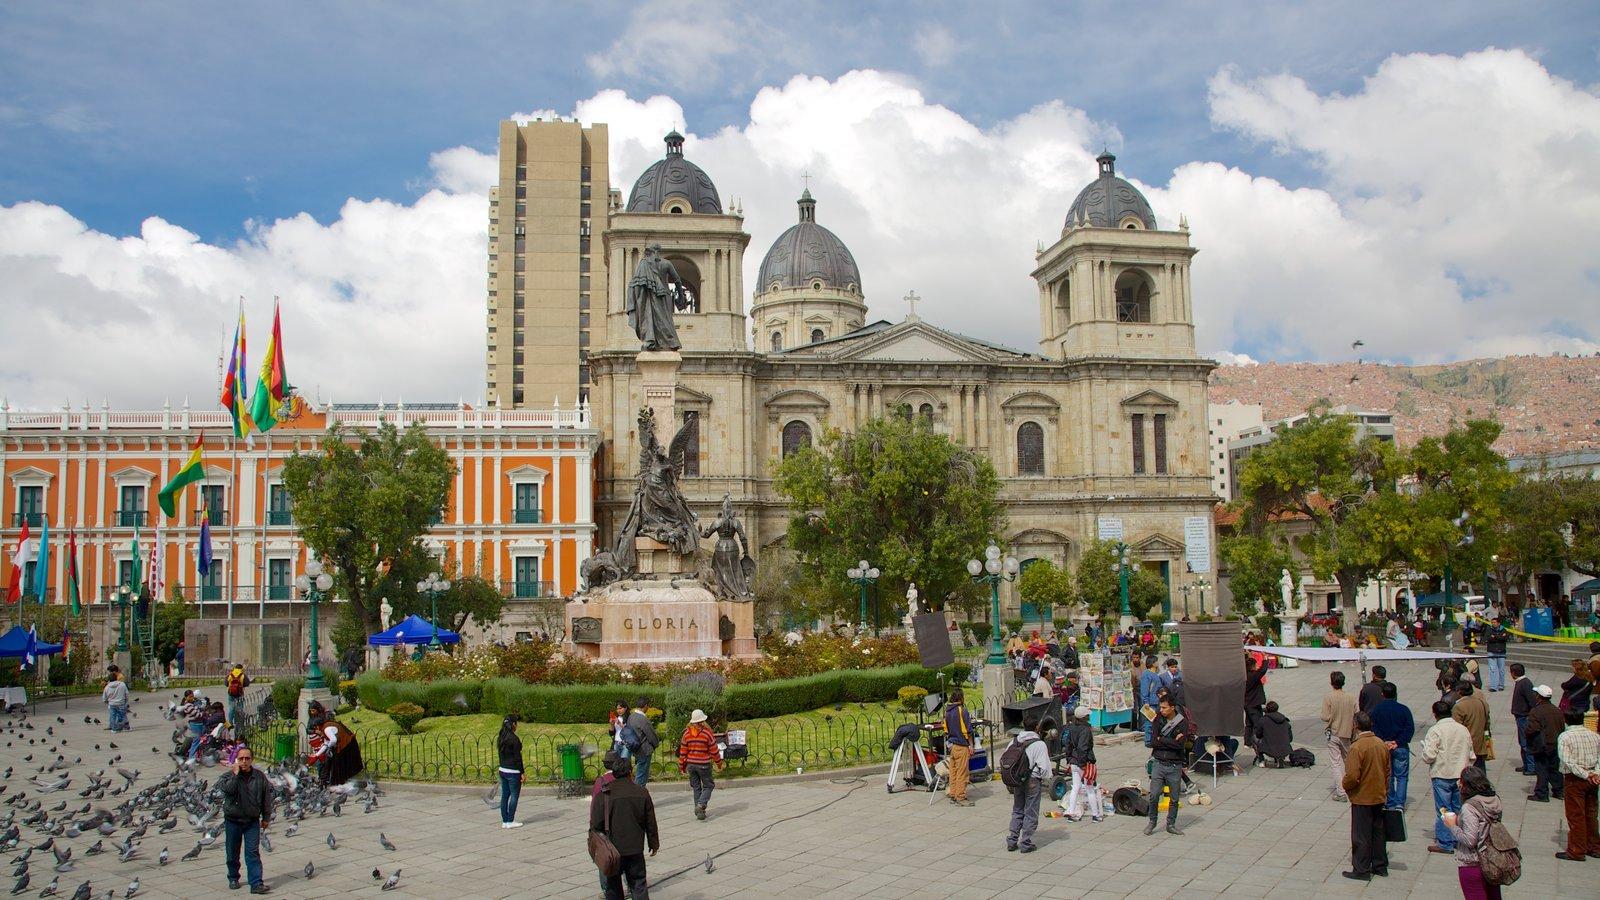 Plaza Murillo que inclui arquitetura de patrimônio, uma praça ou plaza e uma igreja ou catedral